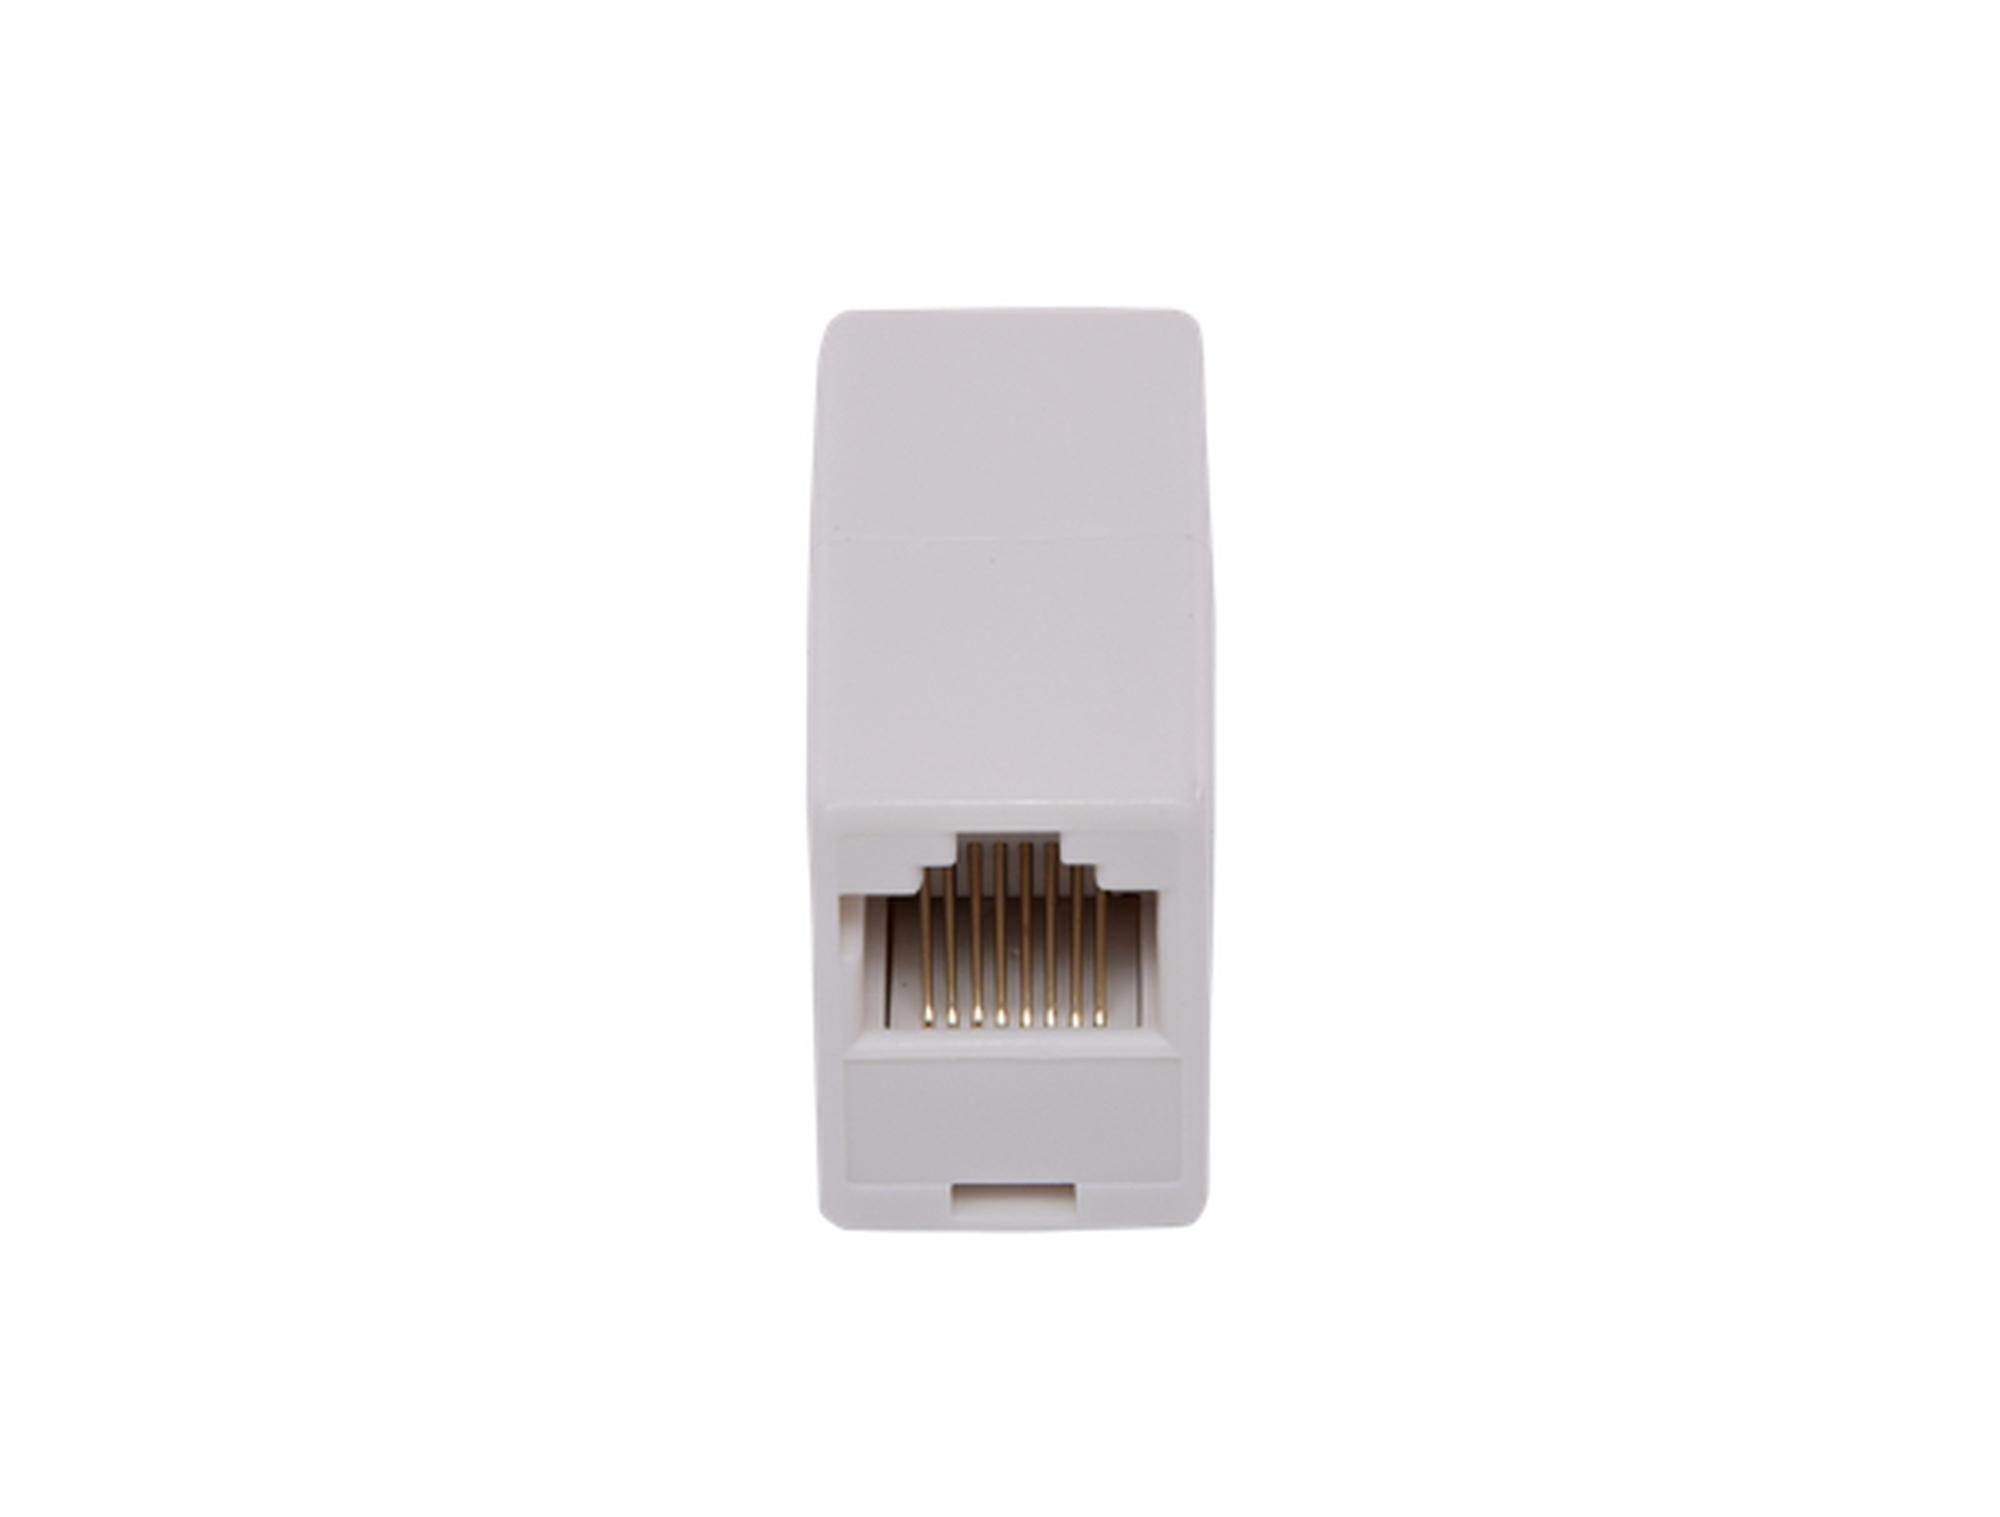 Sandberg 501-66 kabeladapters/verloopstukjes